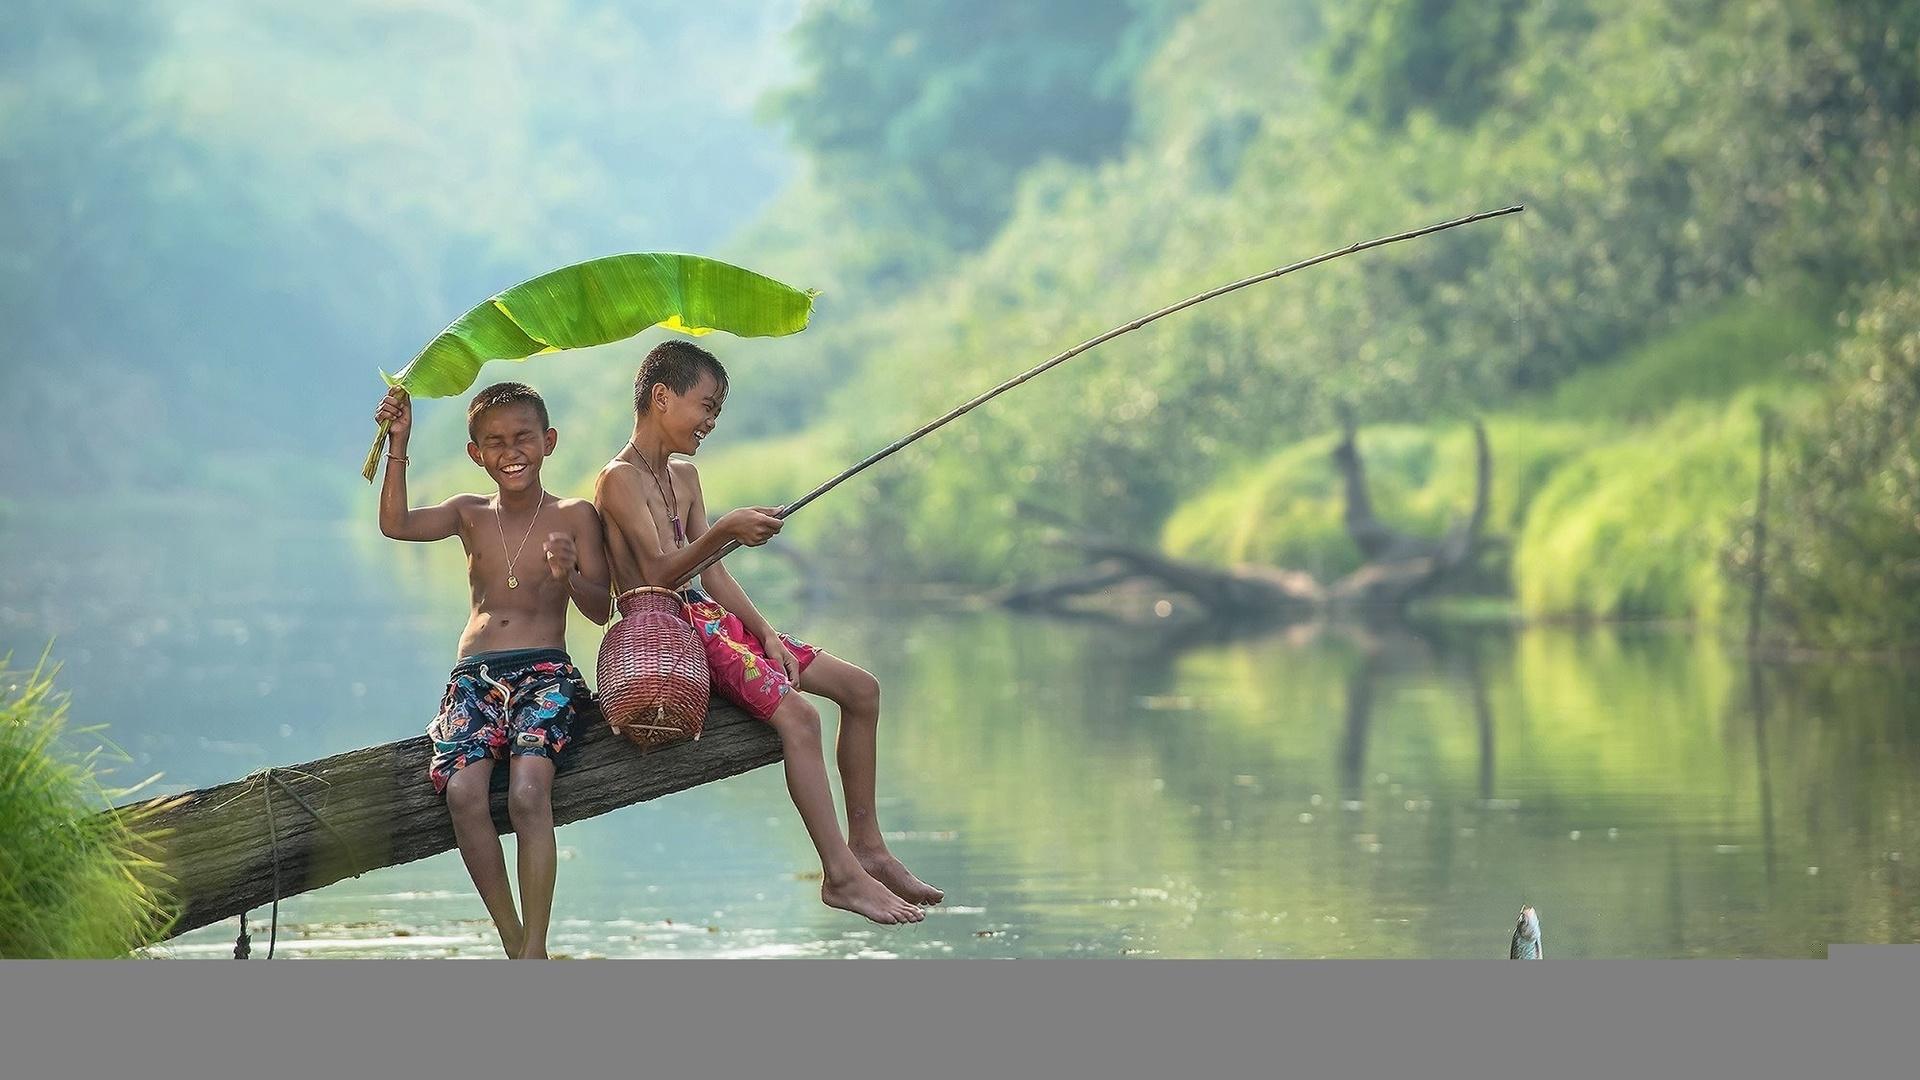 Картинка момент счастья